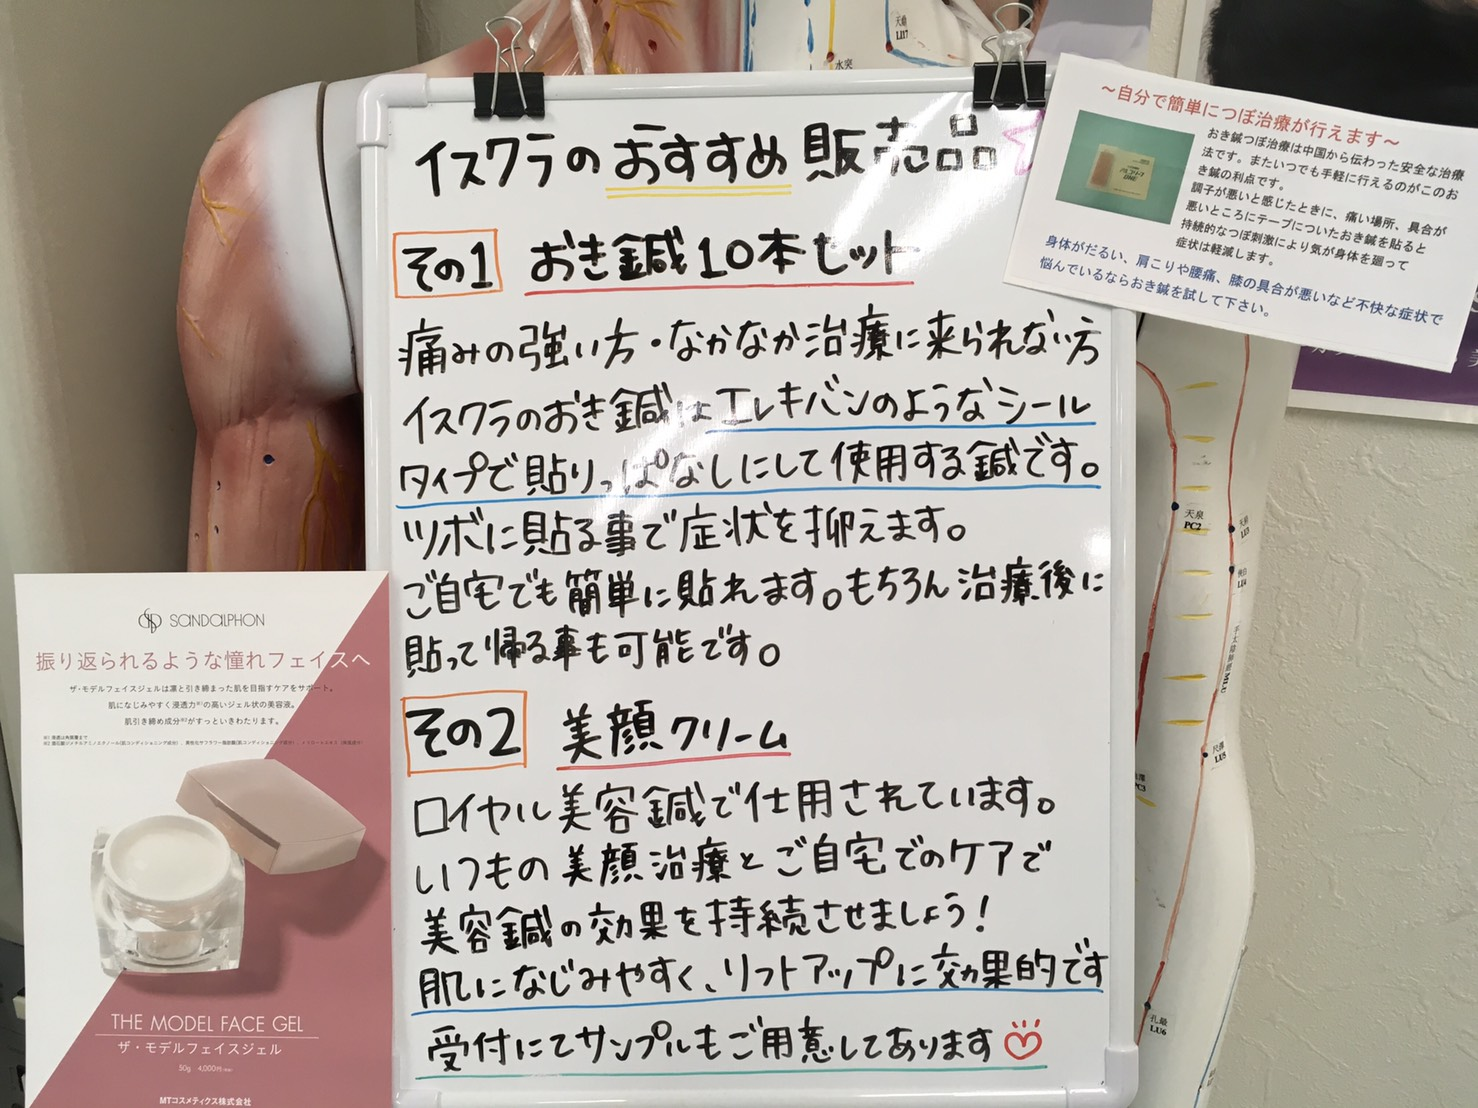 川崎のイスクラ鍼灸師圧接骨院のおすすめ販売品